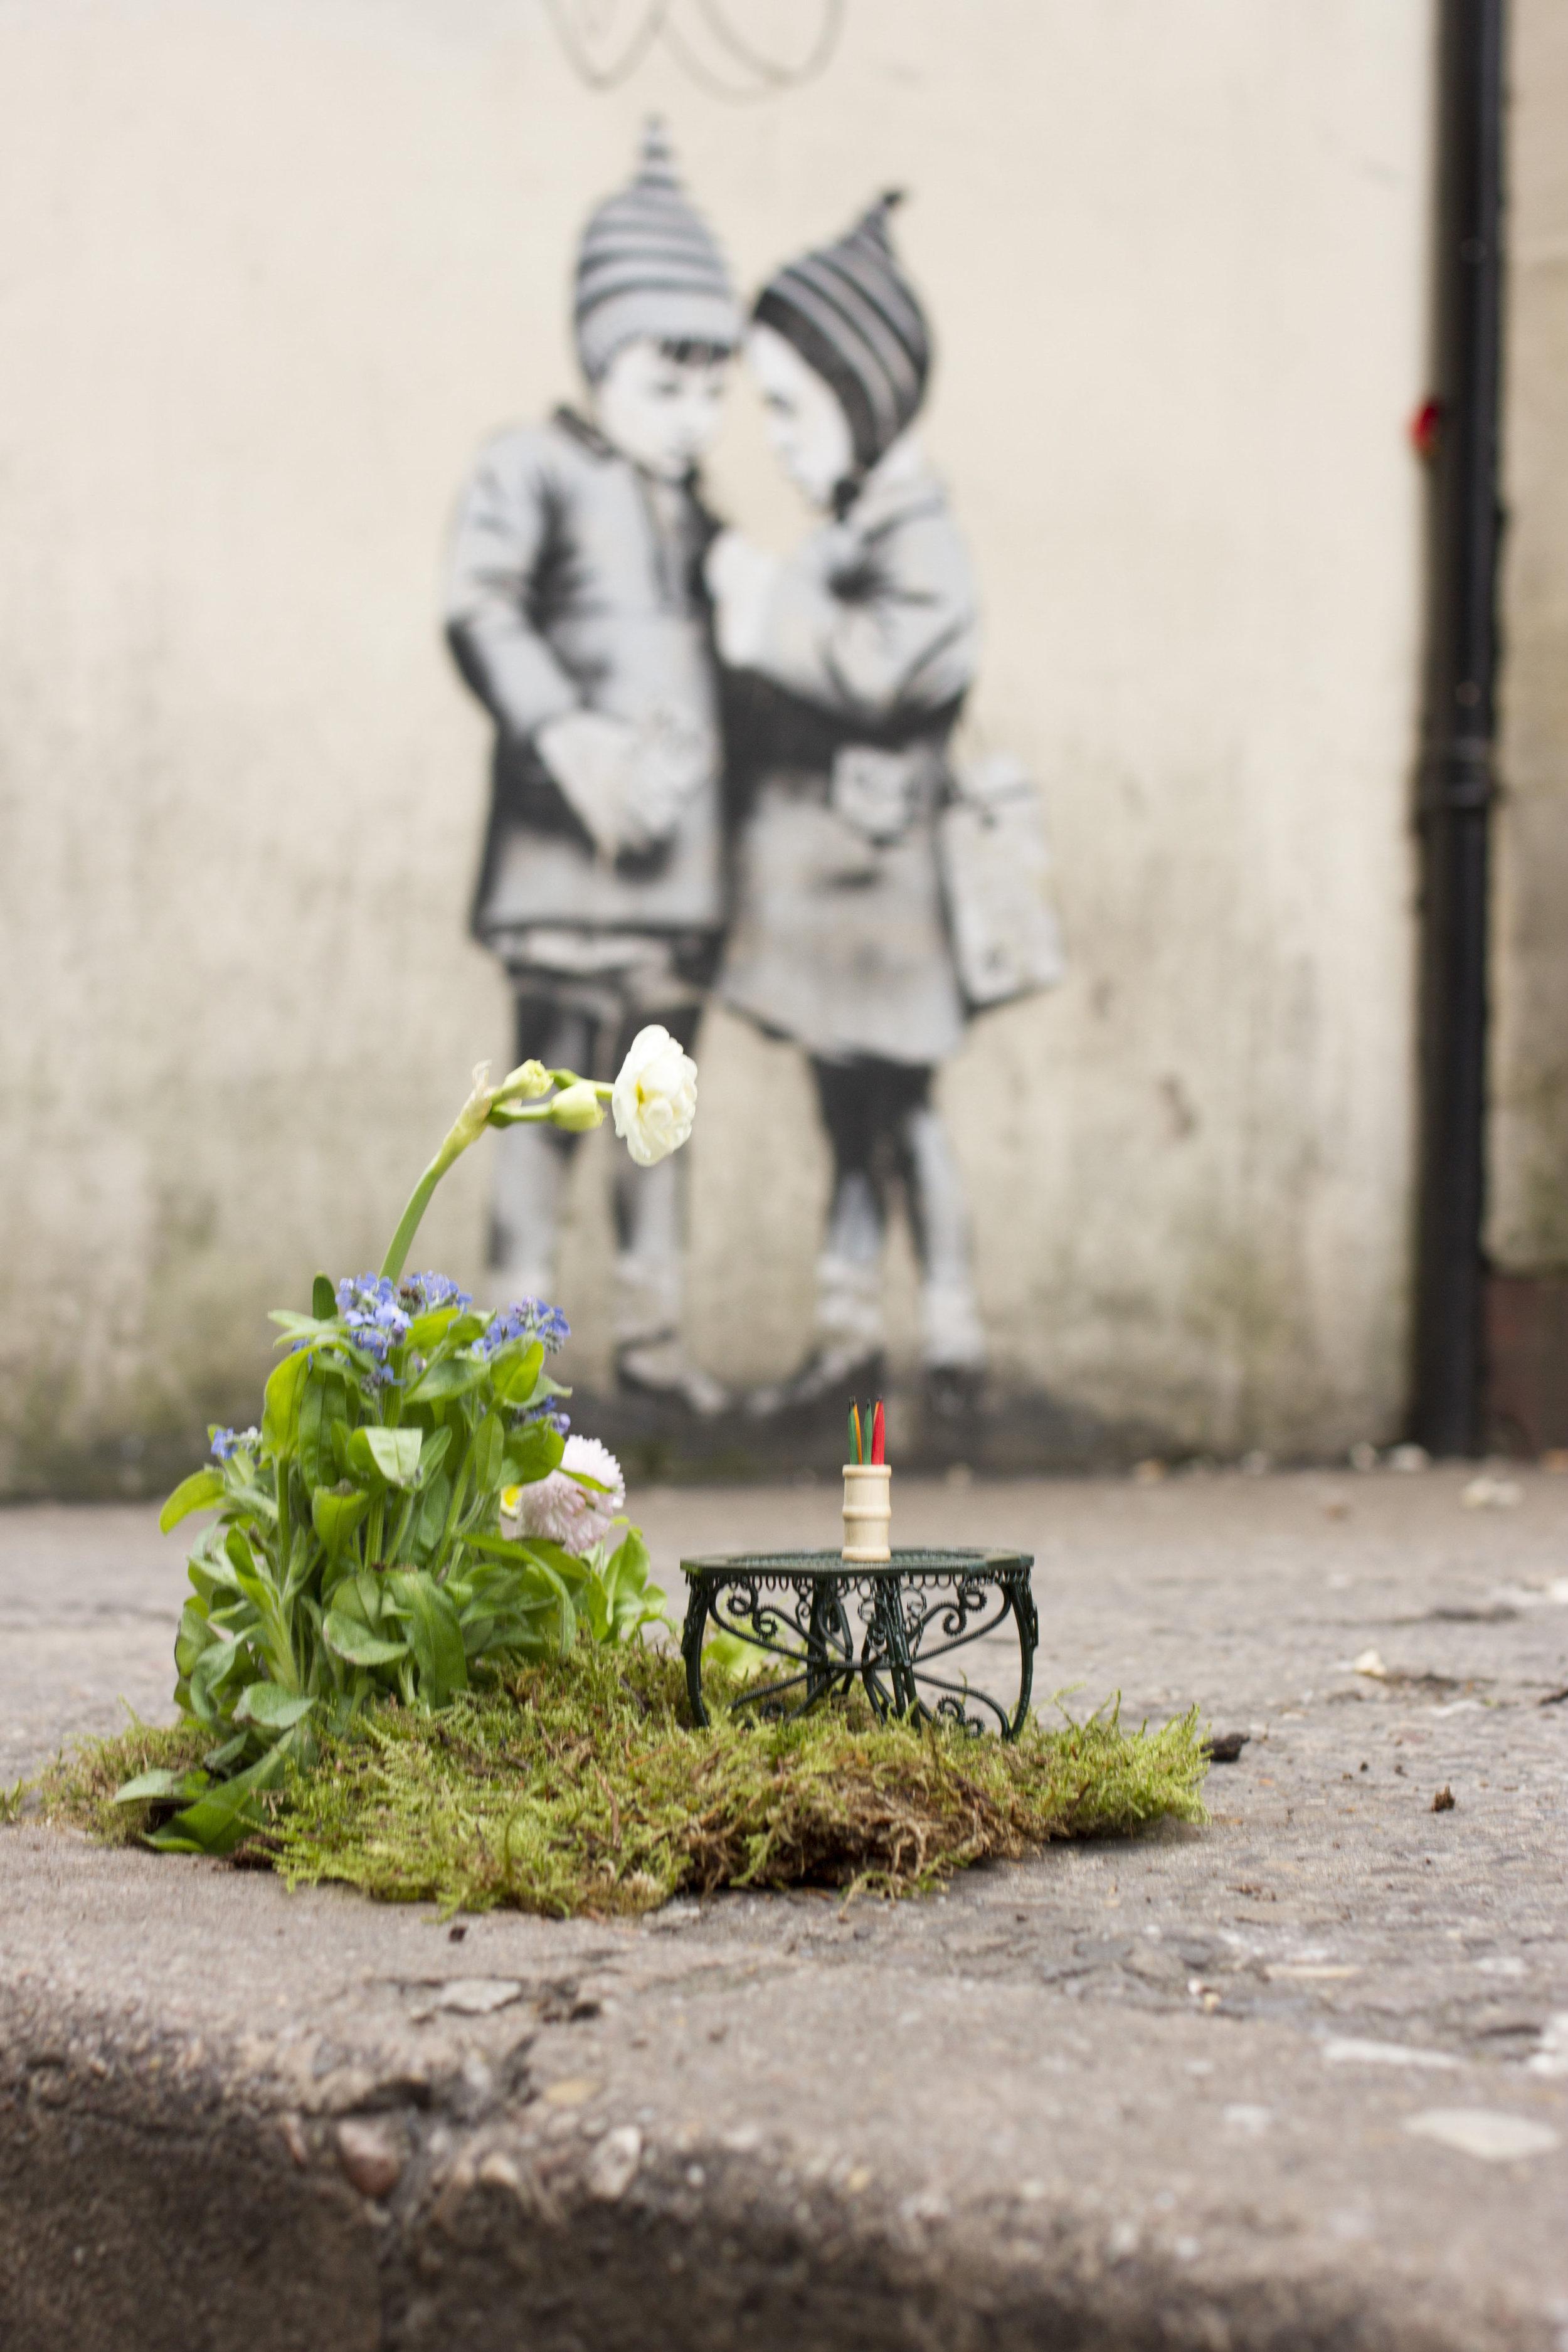 Pothole Gardener in Bristol